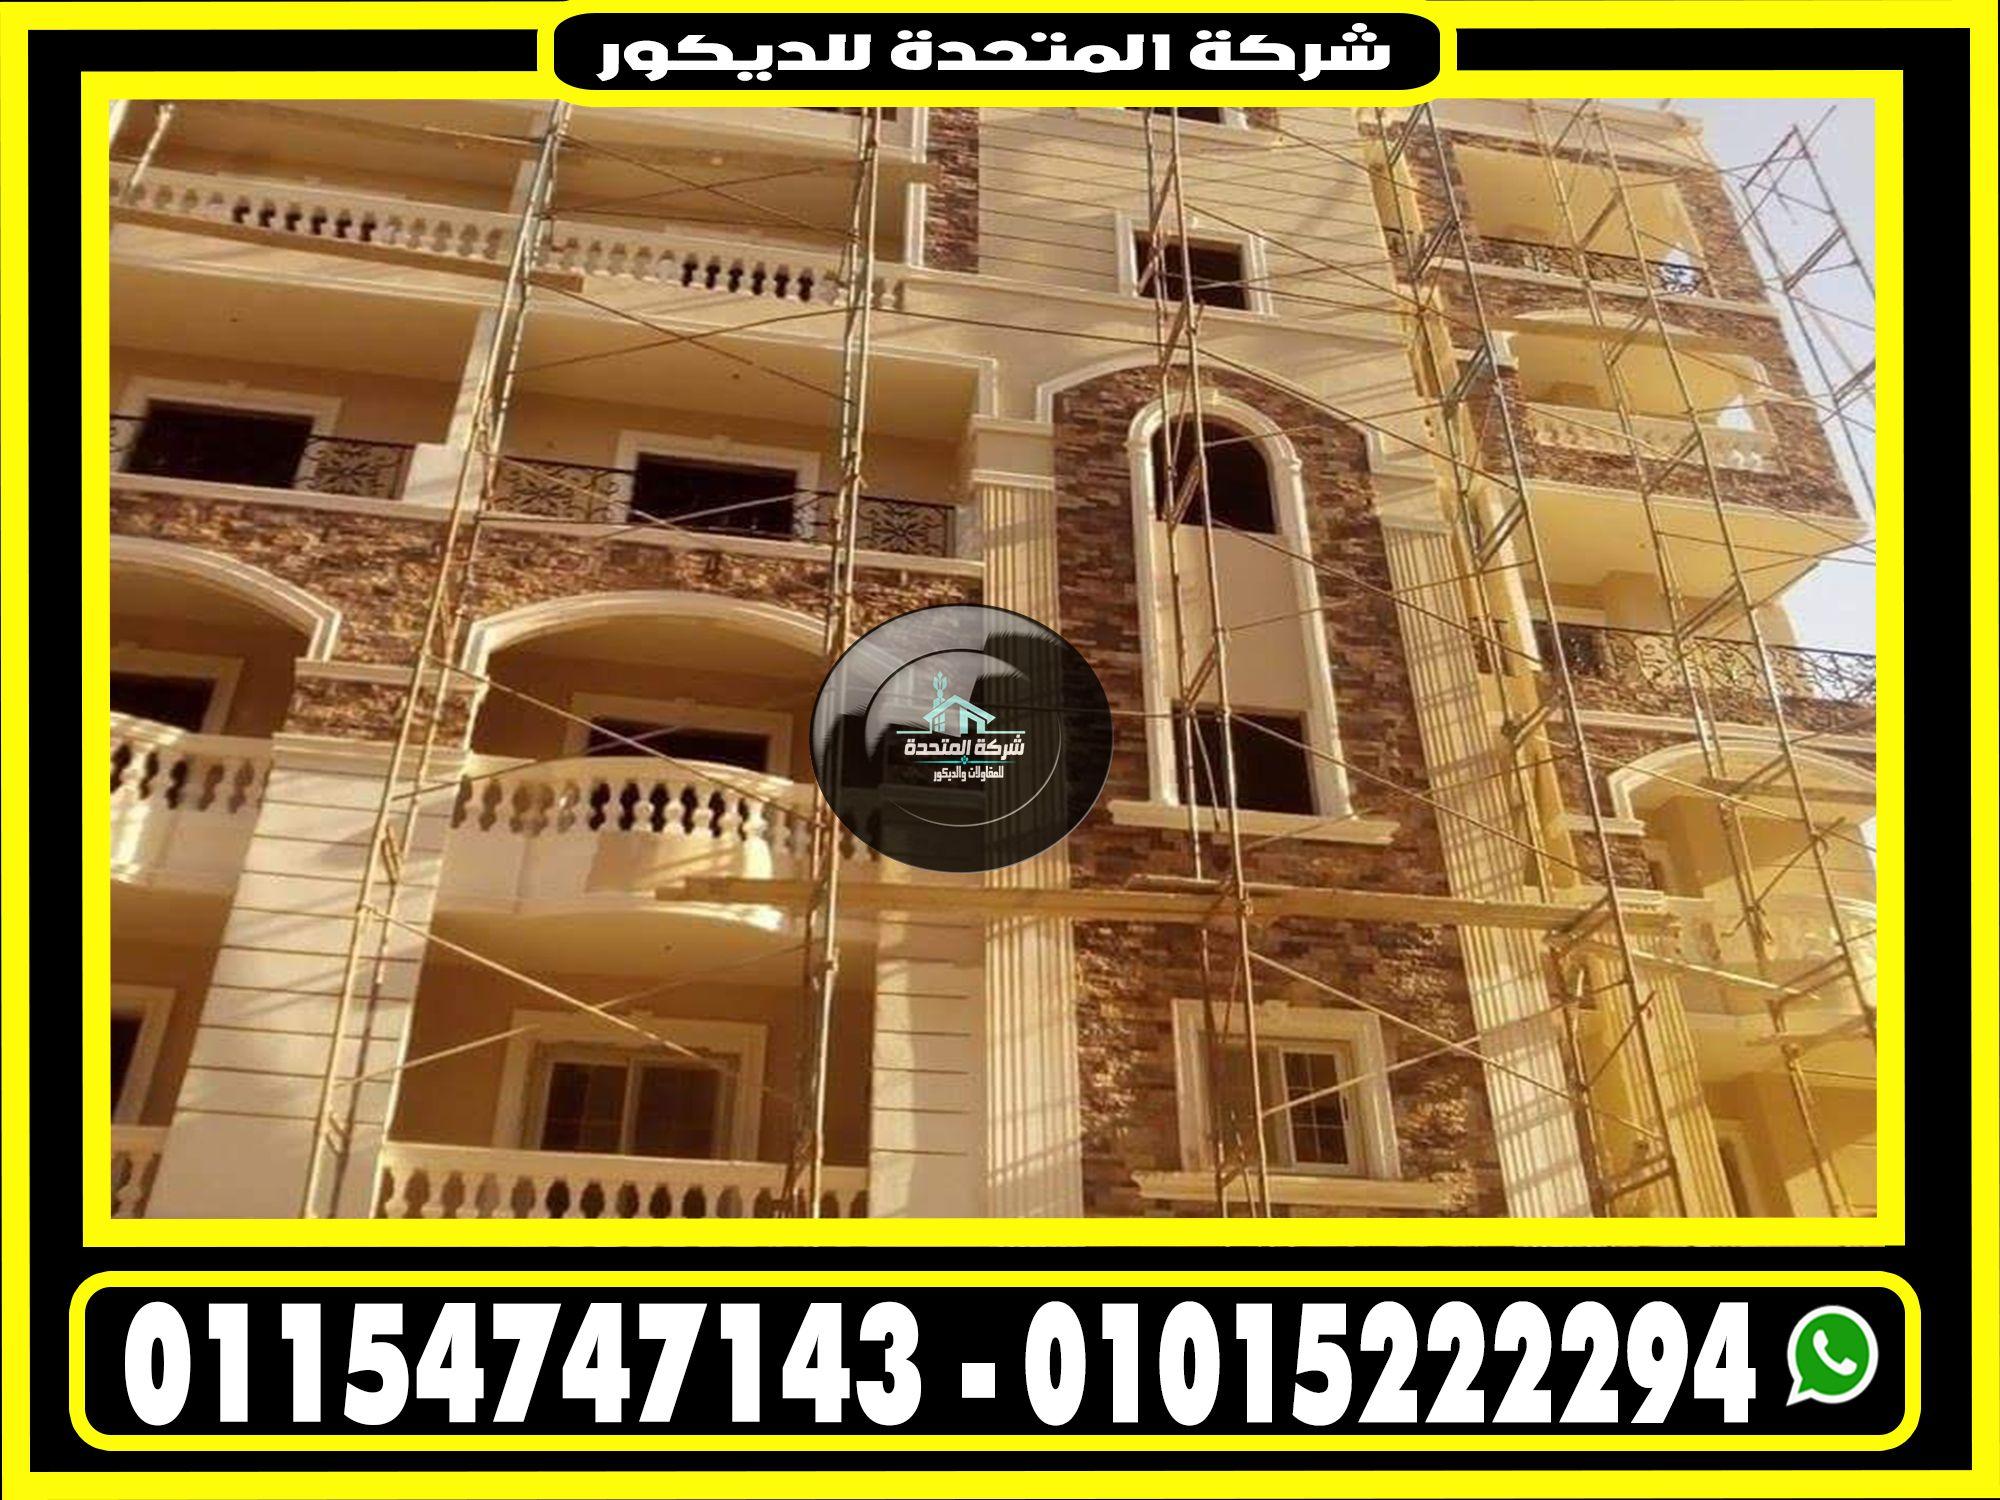 احدث واجهات منازل بالحجر الهاشمي فى مصر